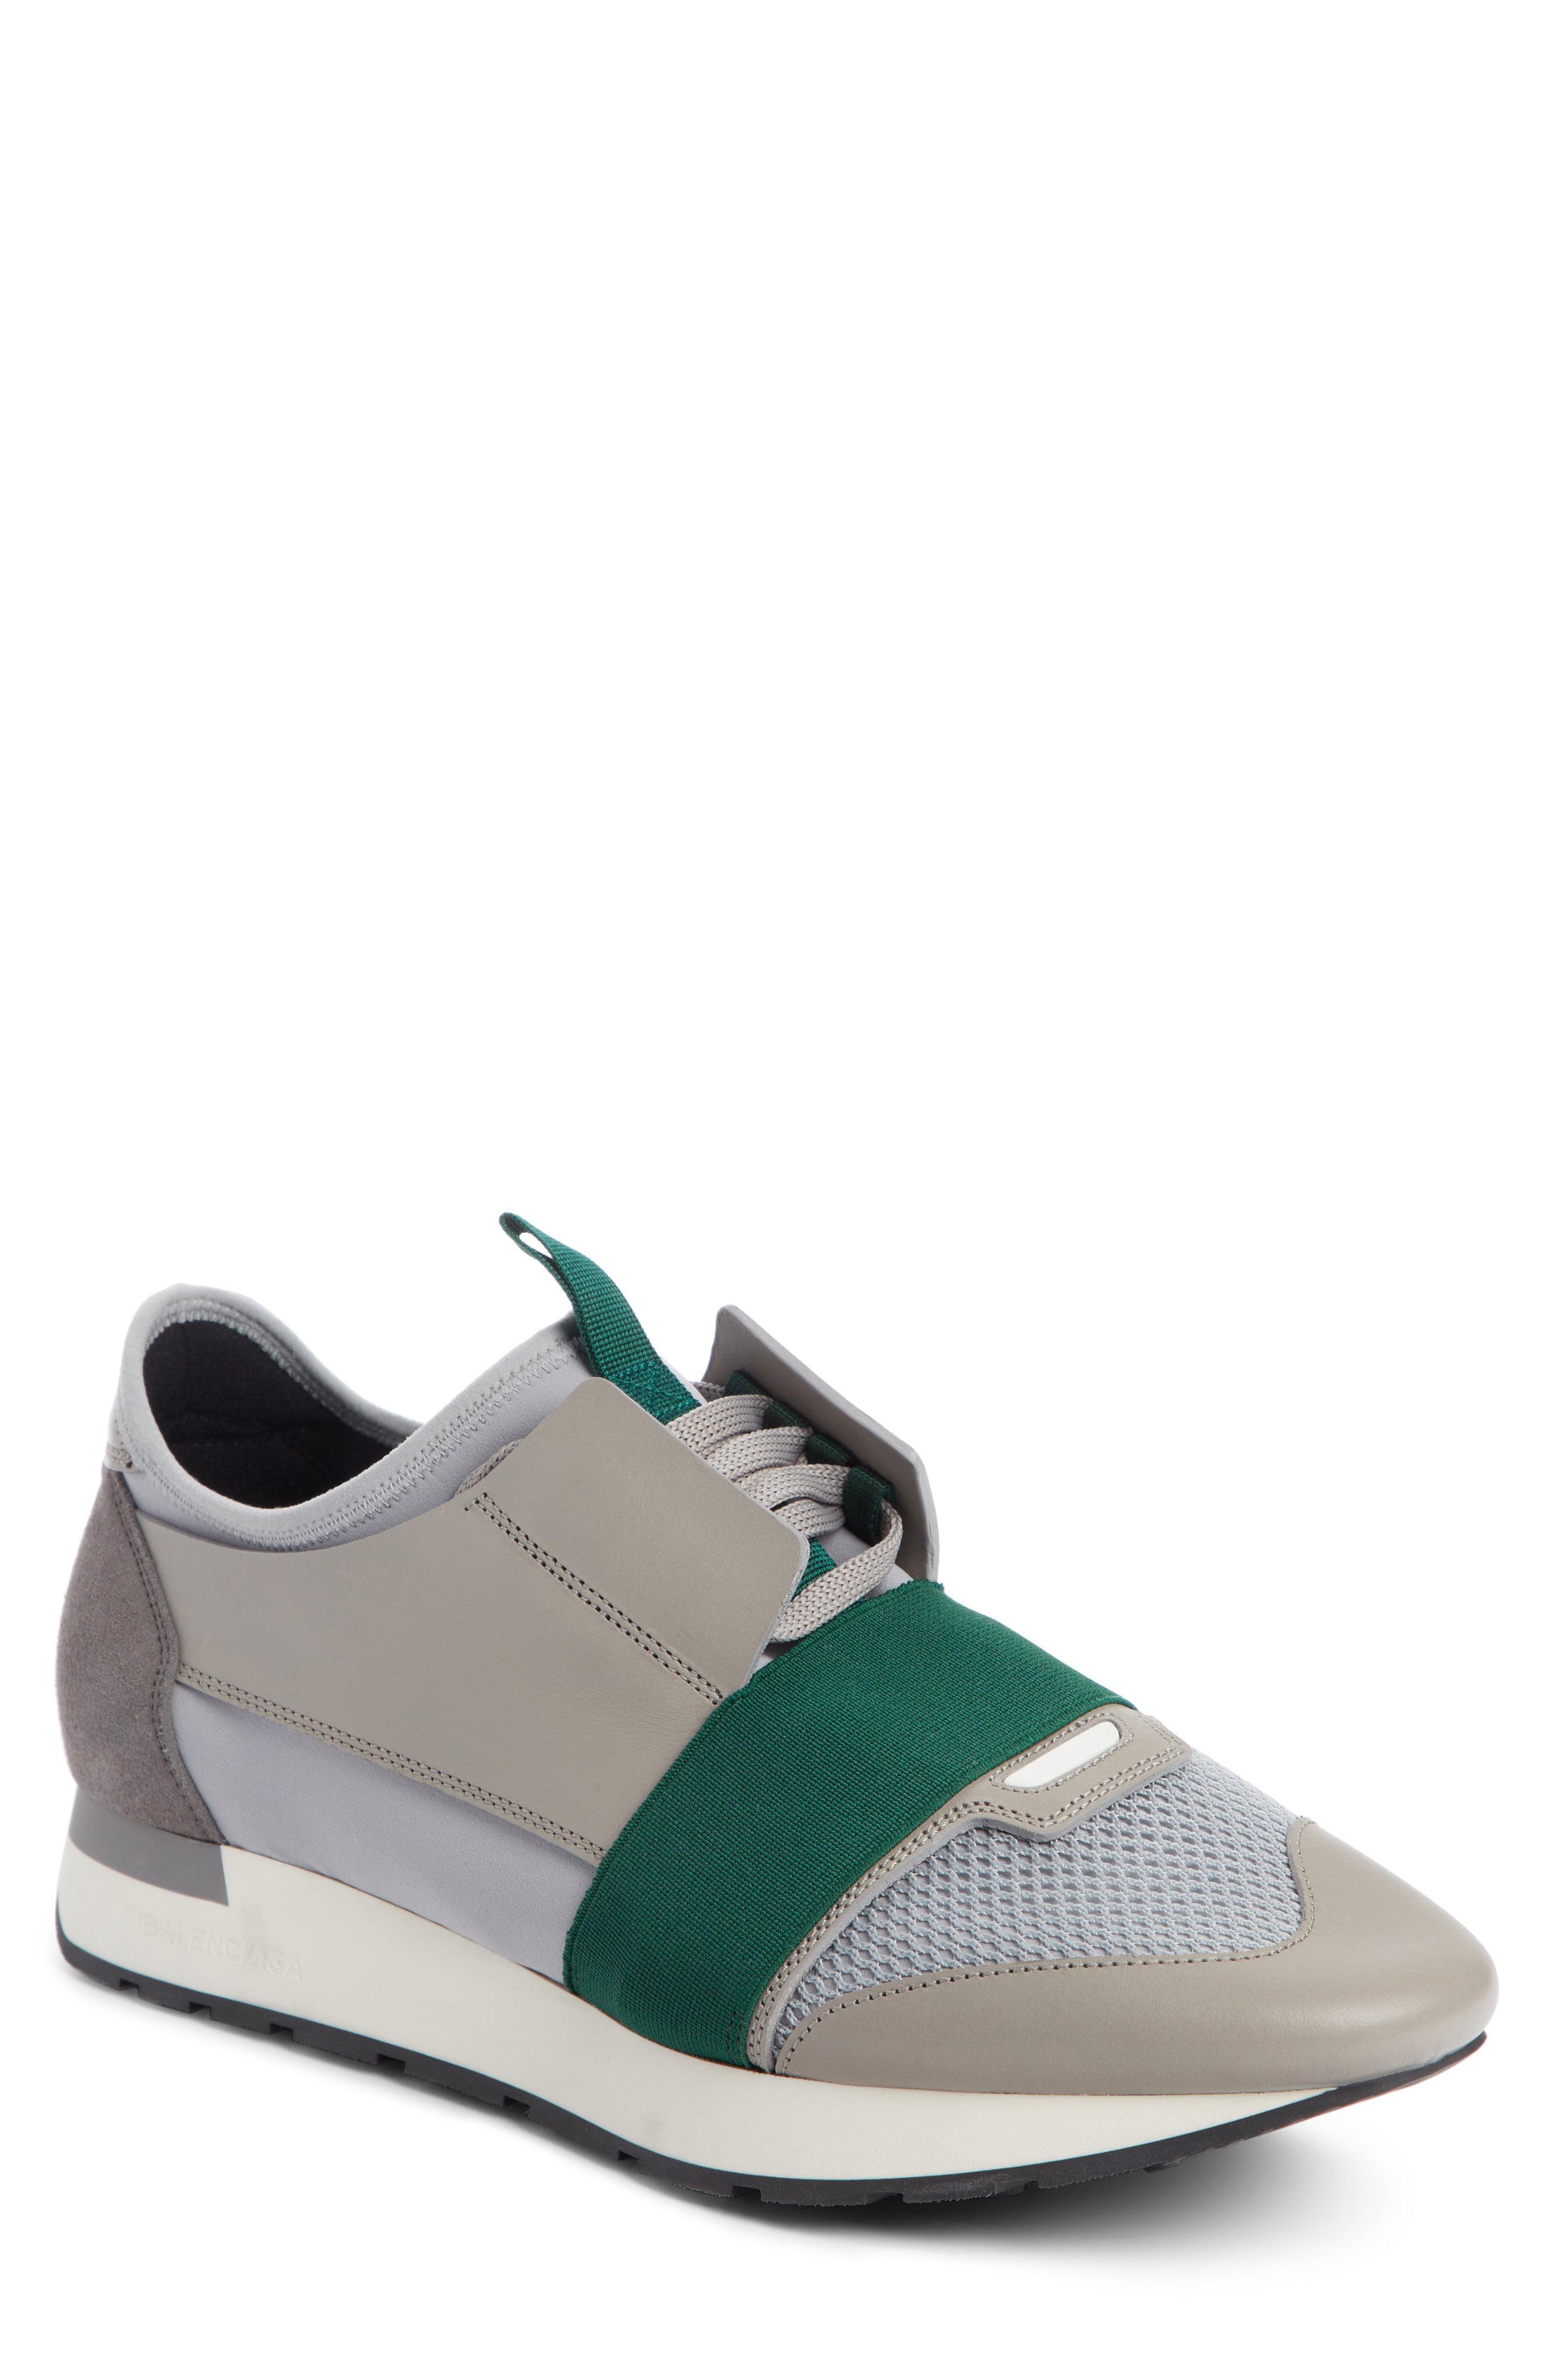 Race Runner Mesh \u0026 Leather Sneakers